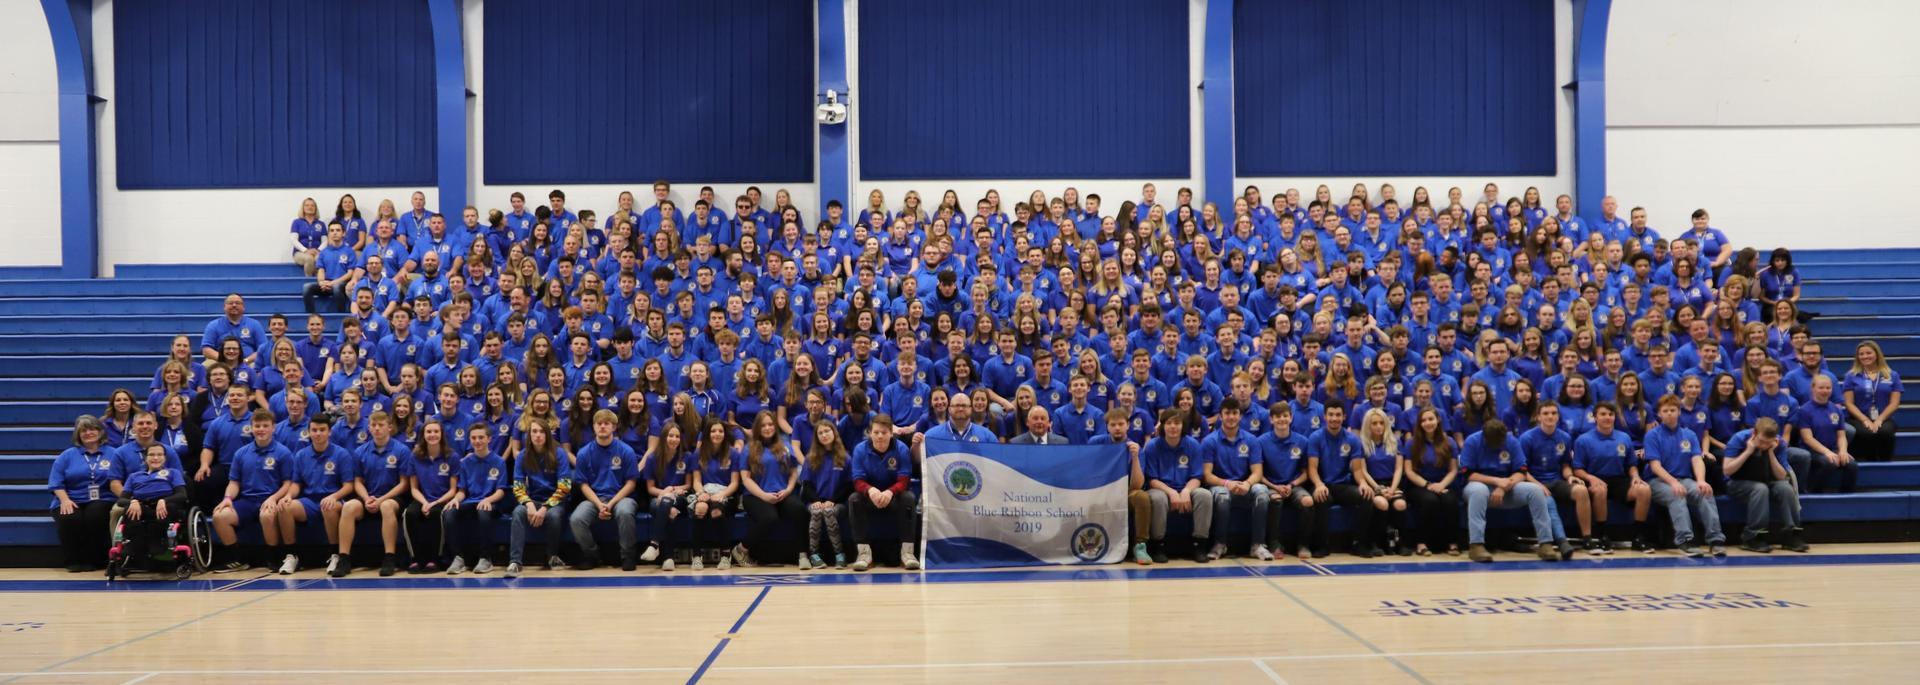 Blue Ribbon Schools